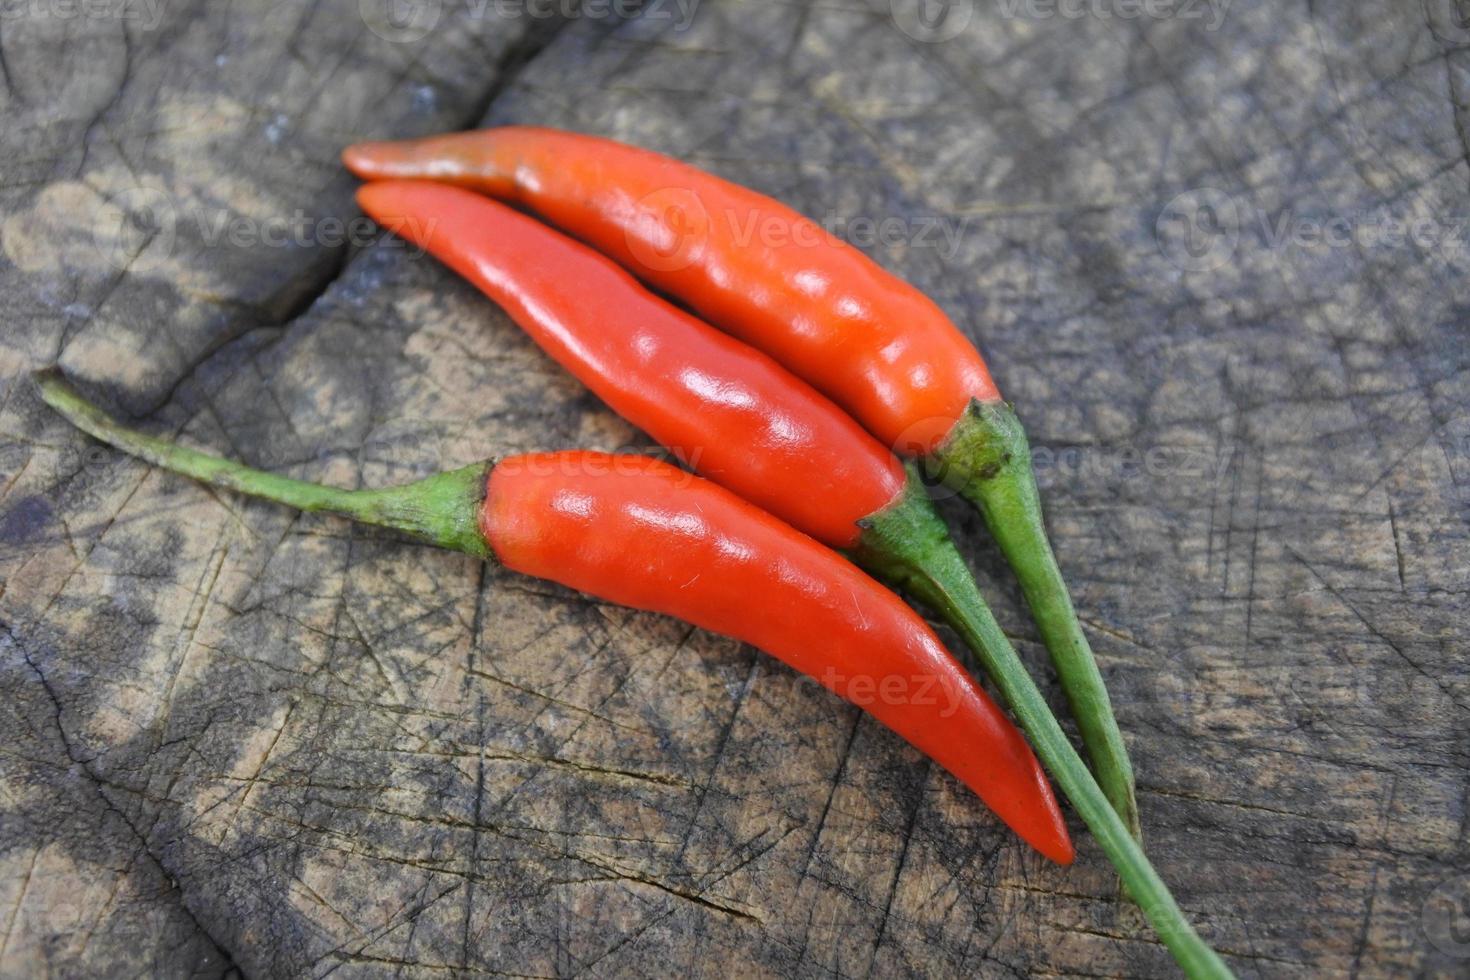 rode hete chili pepers. foto